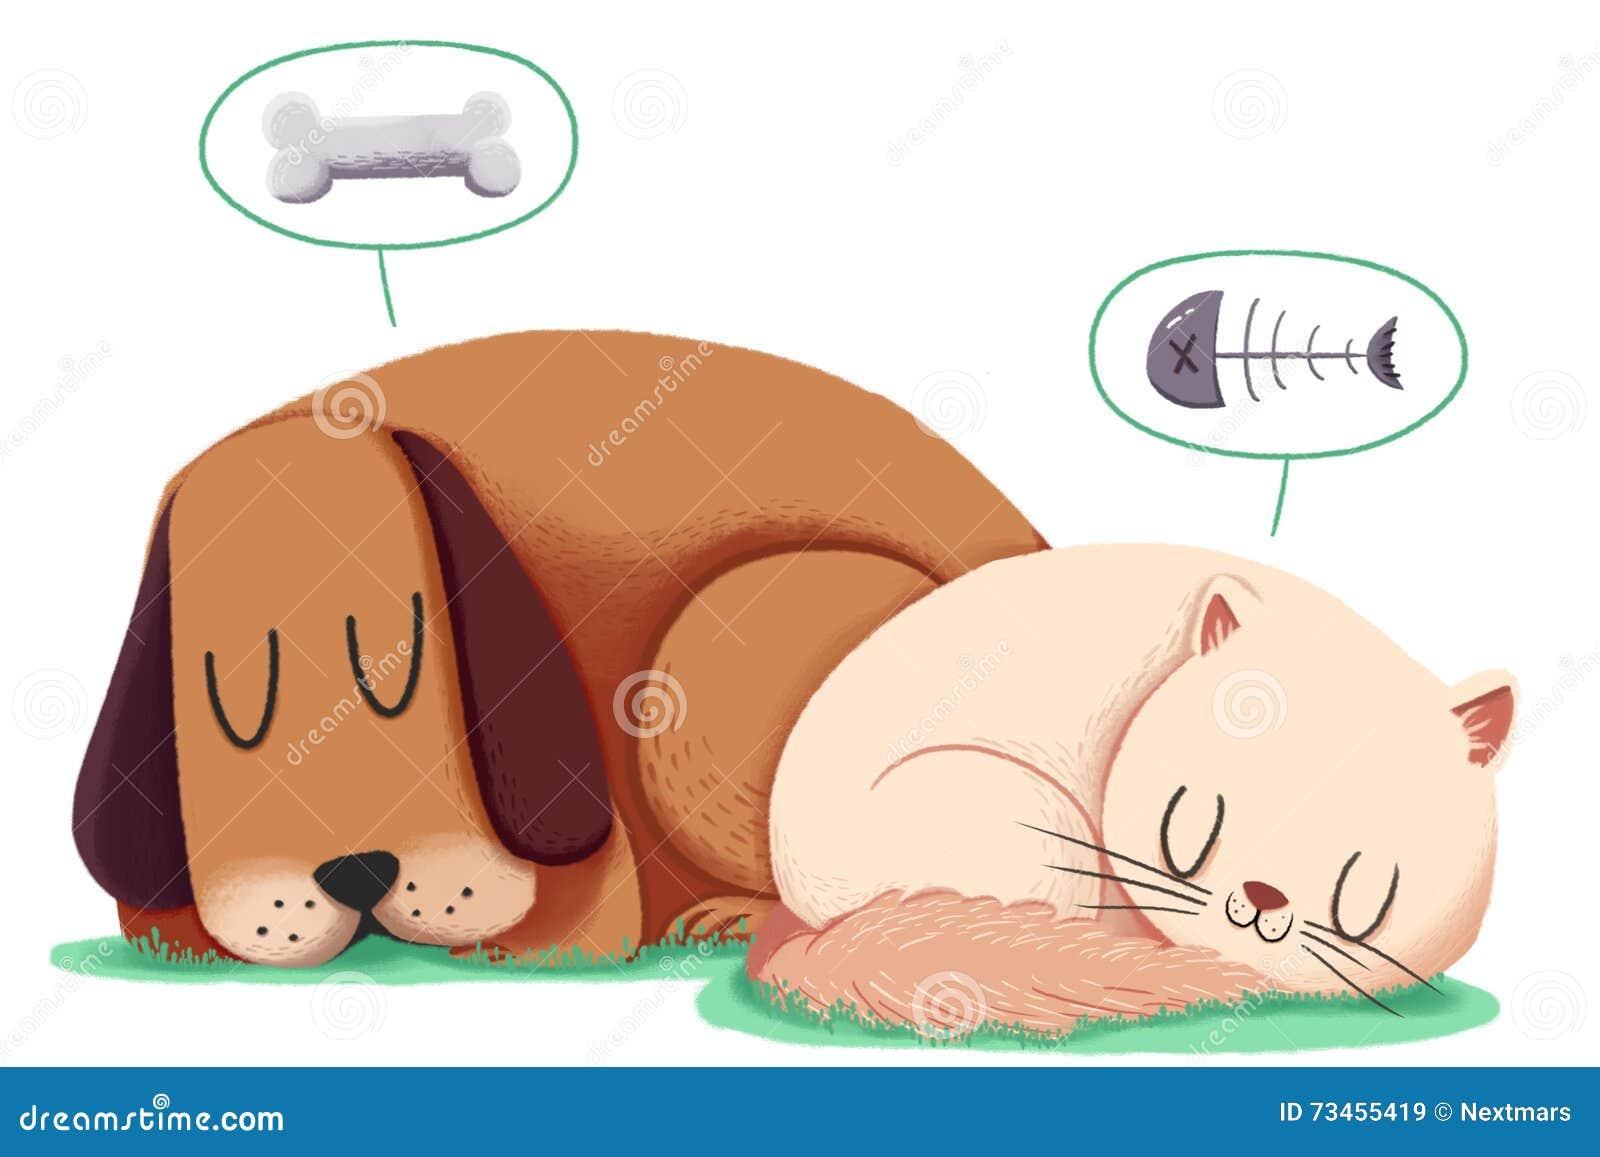 Illustration créative et art innovateur : Chien et Cat Sleep Together